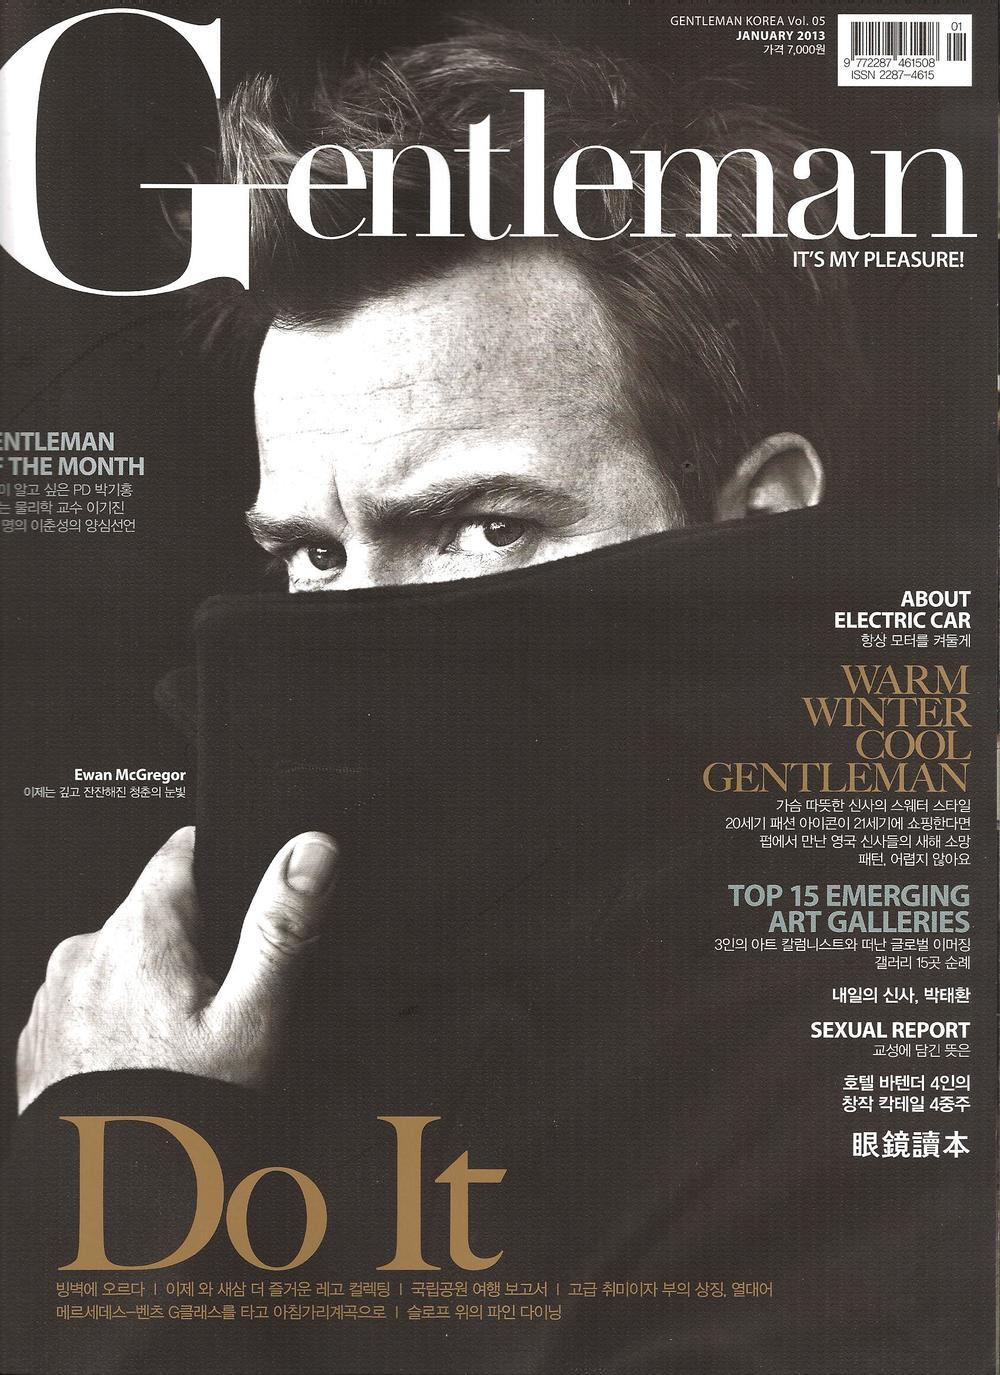 2013-1 Gentleman cover.jpg